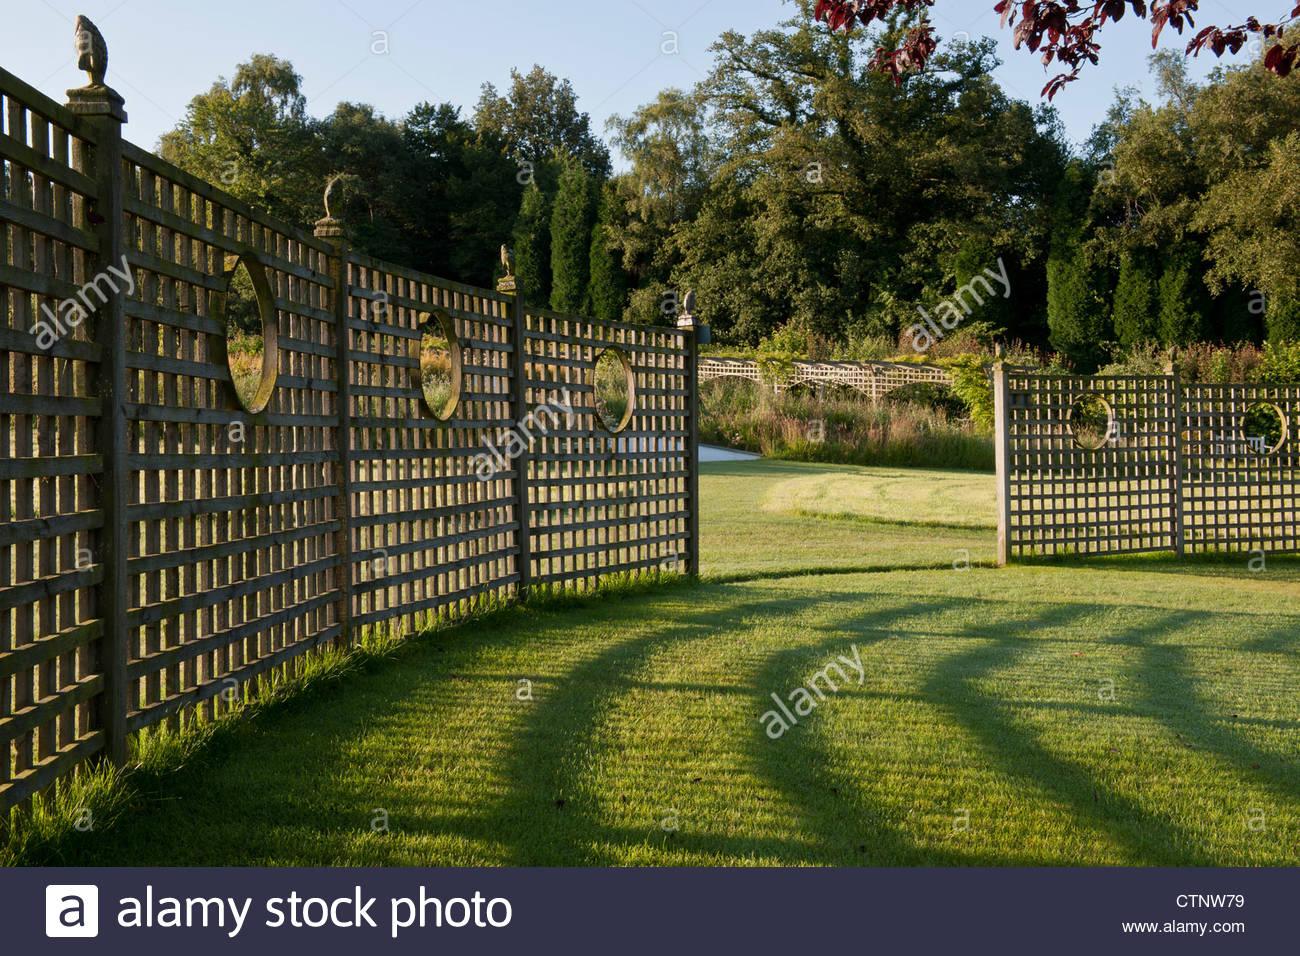 Enrejado de curvas patrones de sombra lawn grass verano de julio sun sunny Latchetts Sussex planta de jardín Imagen De Stock